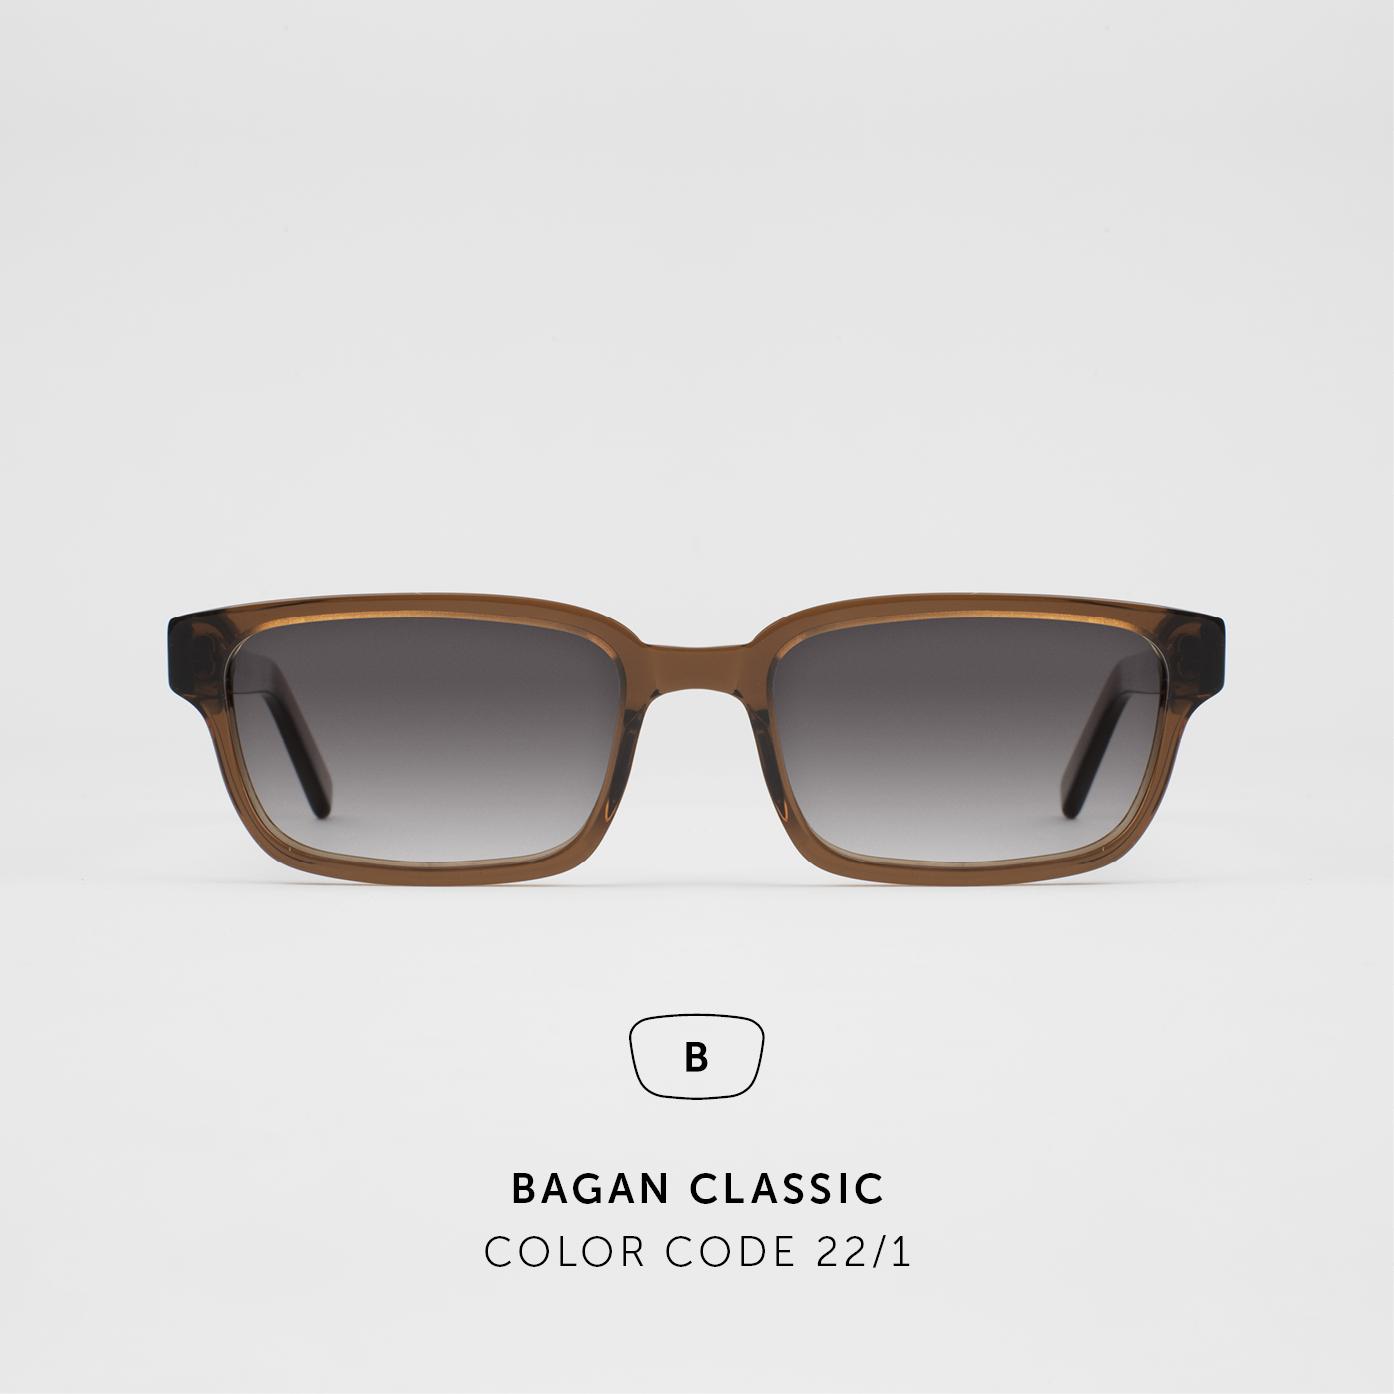 BaganClassic48.jpg